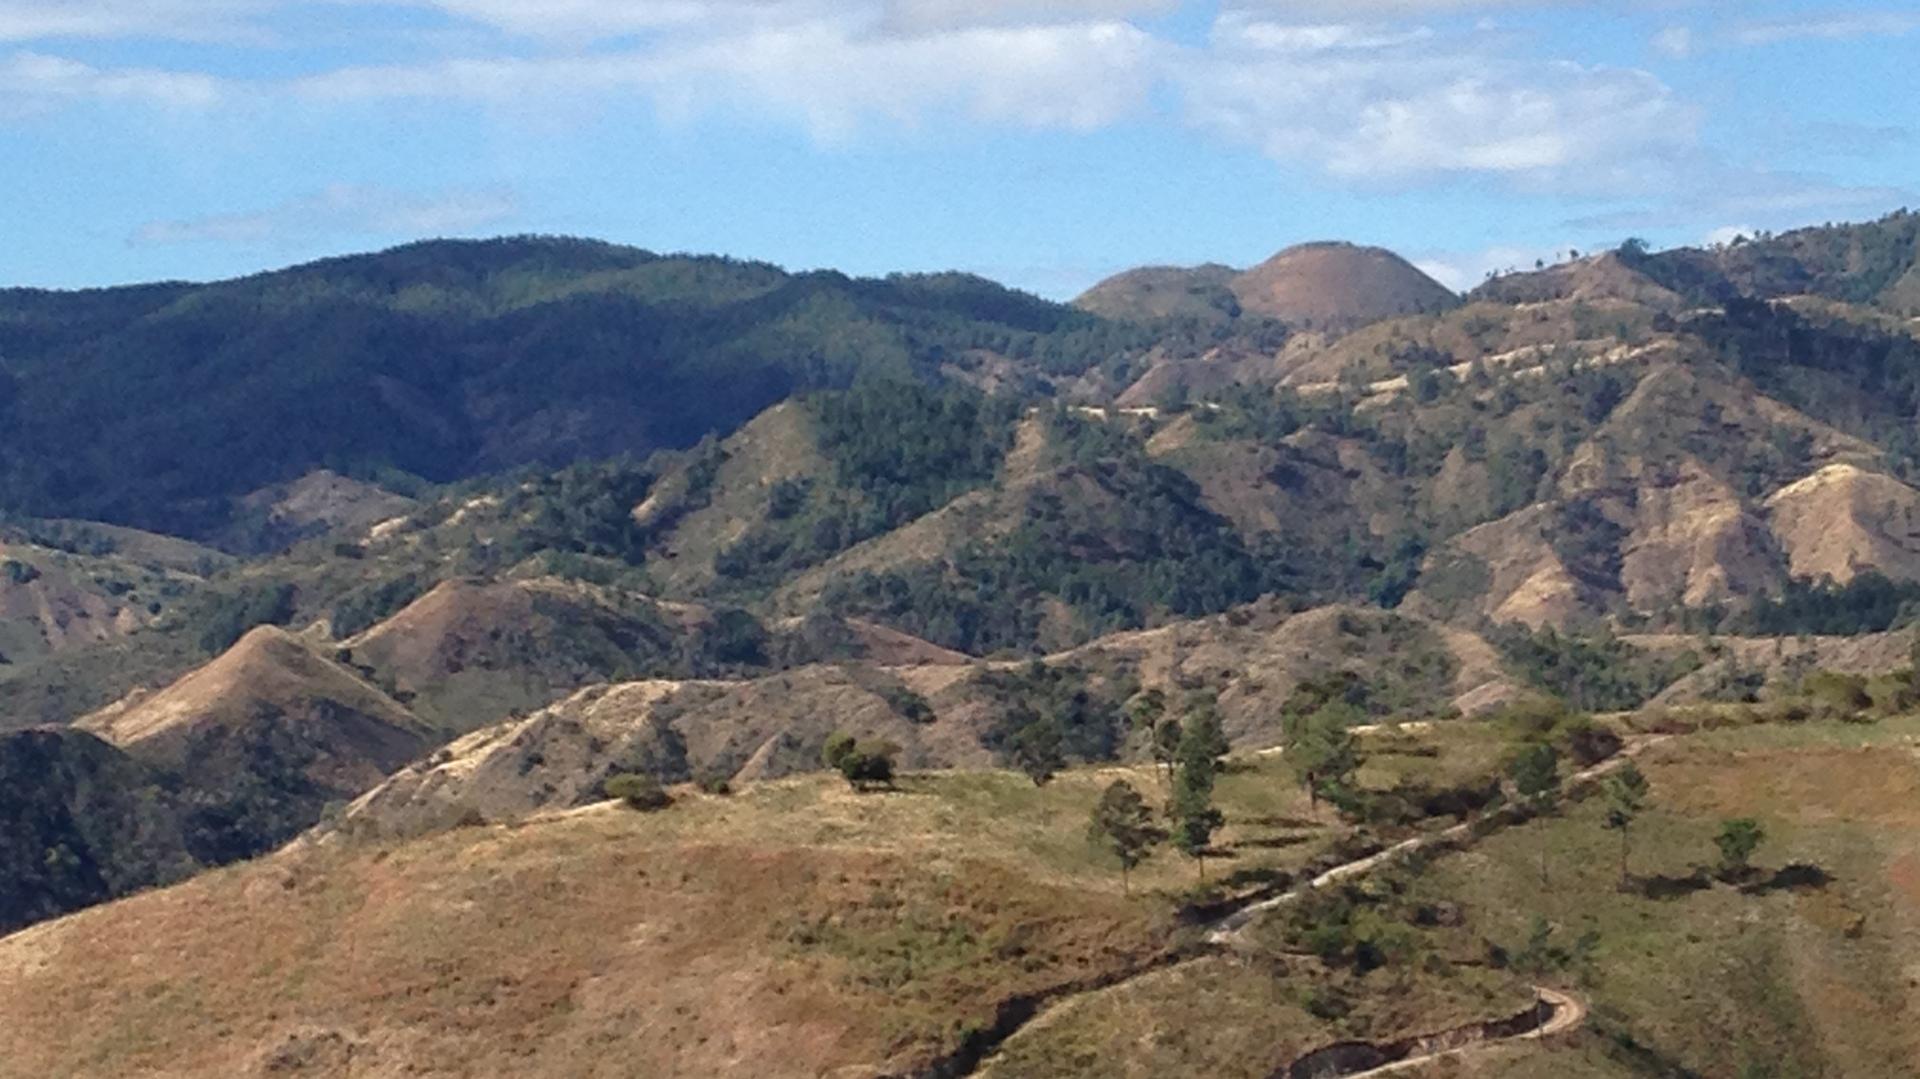 View of the Cordillera Central